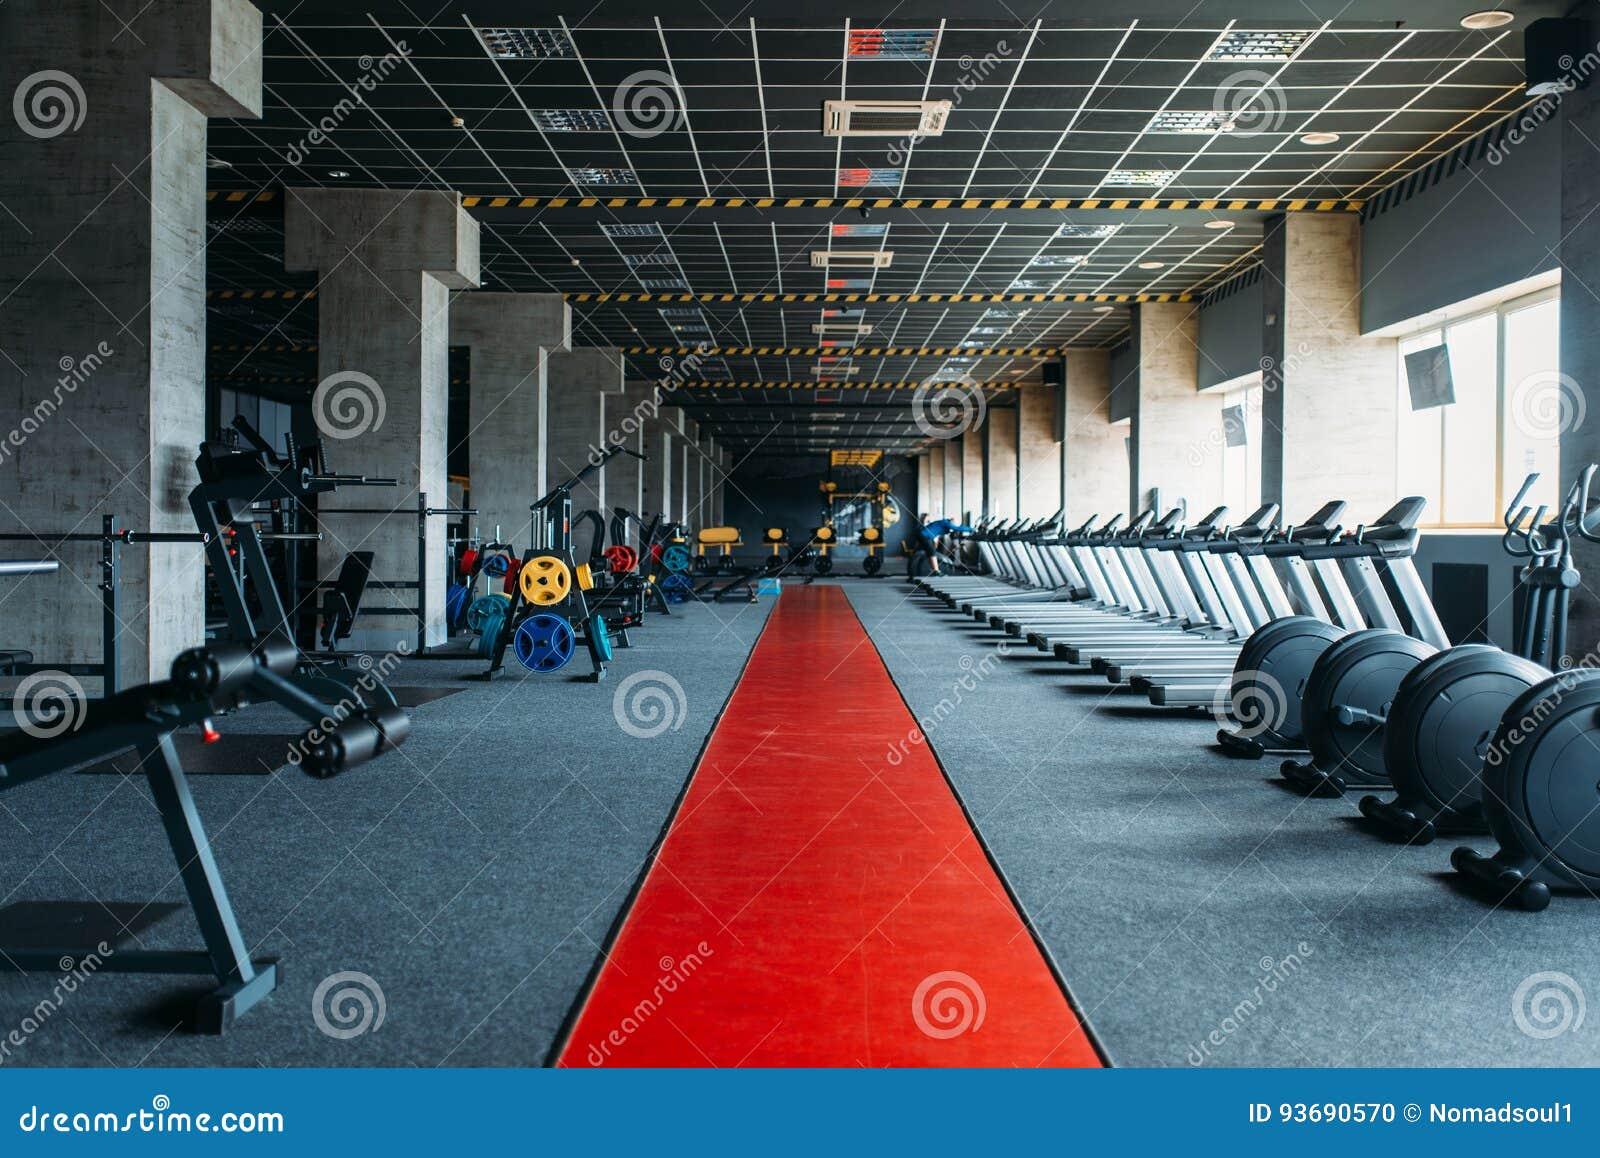 Gym nobody, empty fitness club